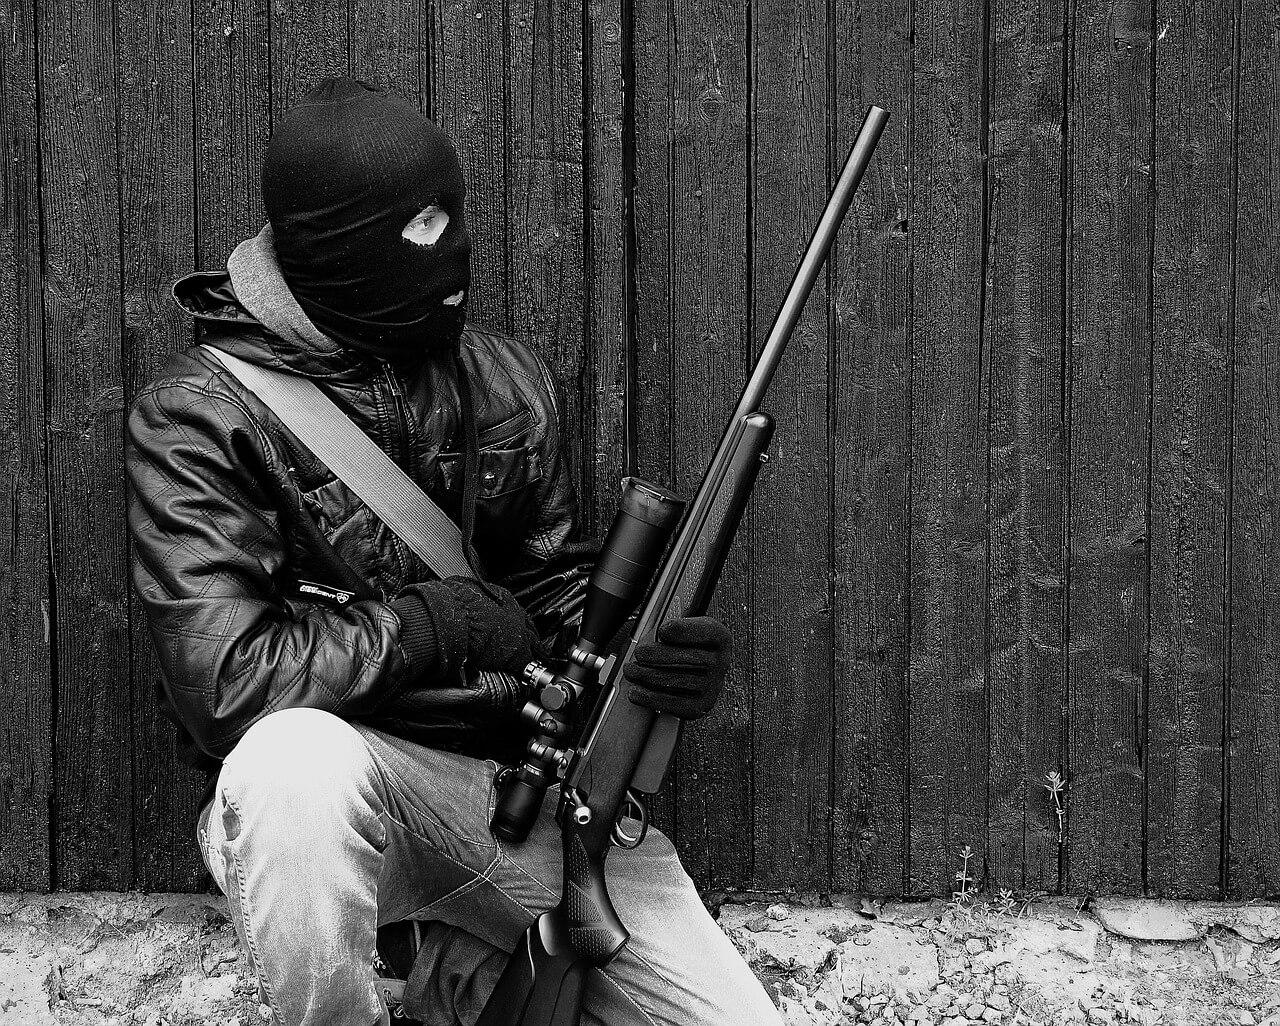 Страхование квартиры от терроризма